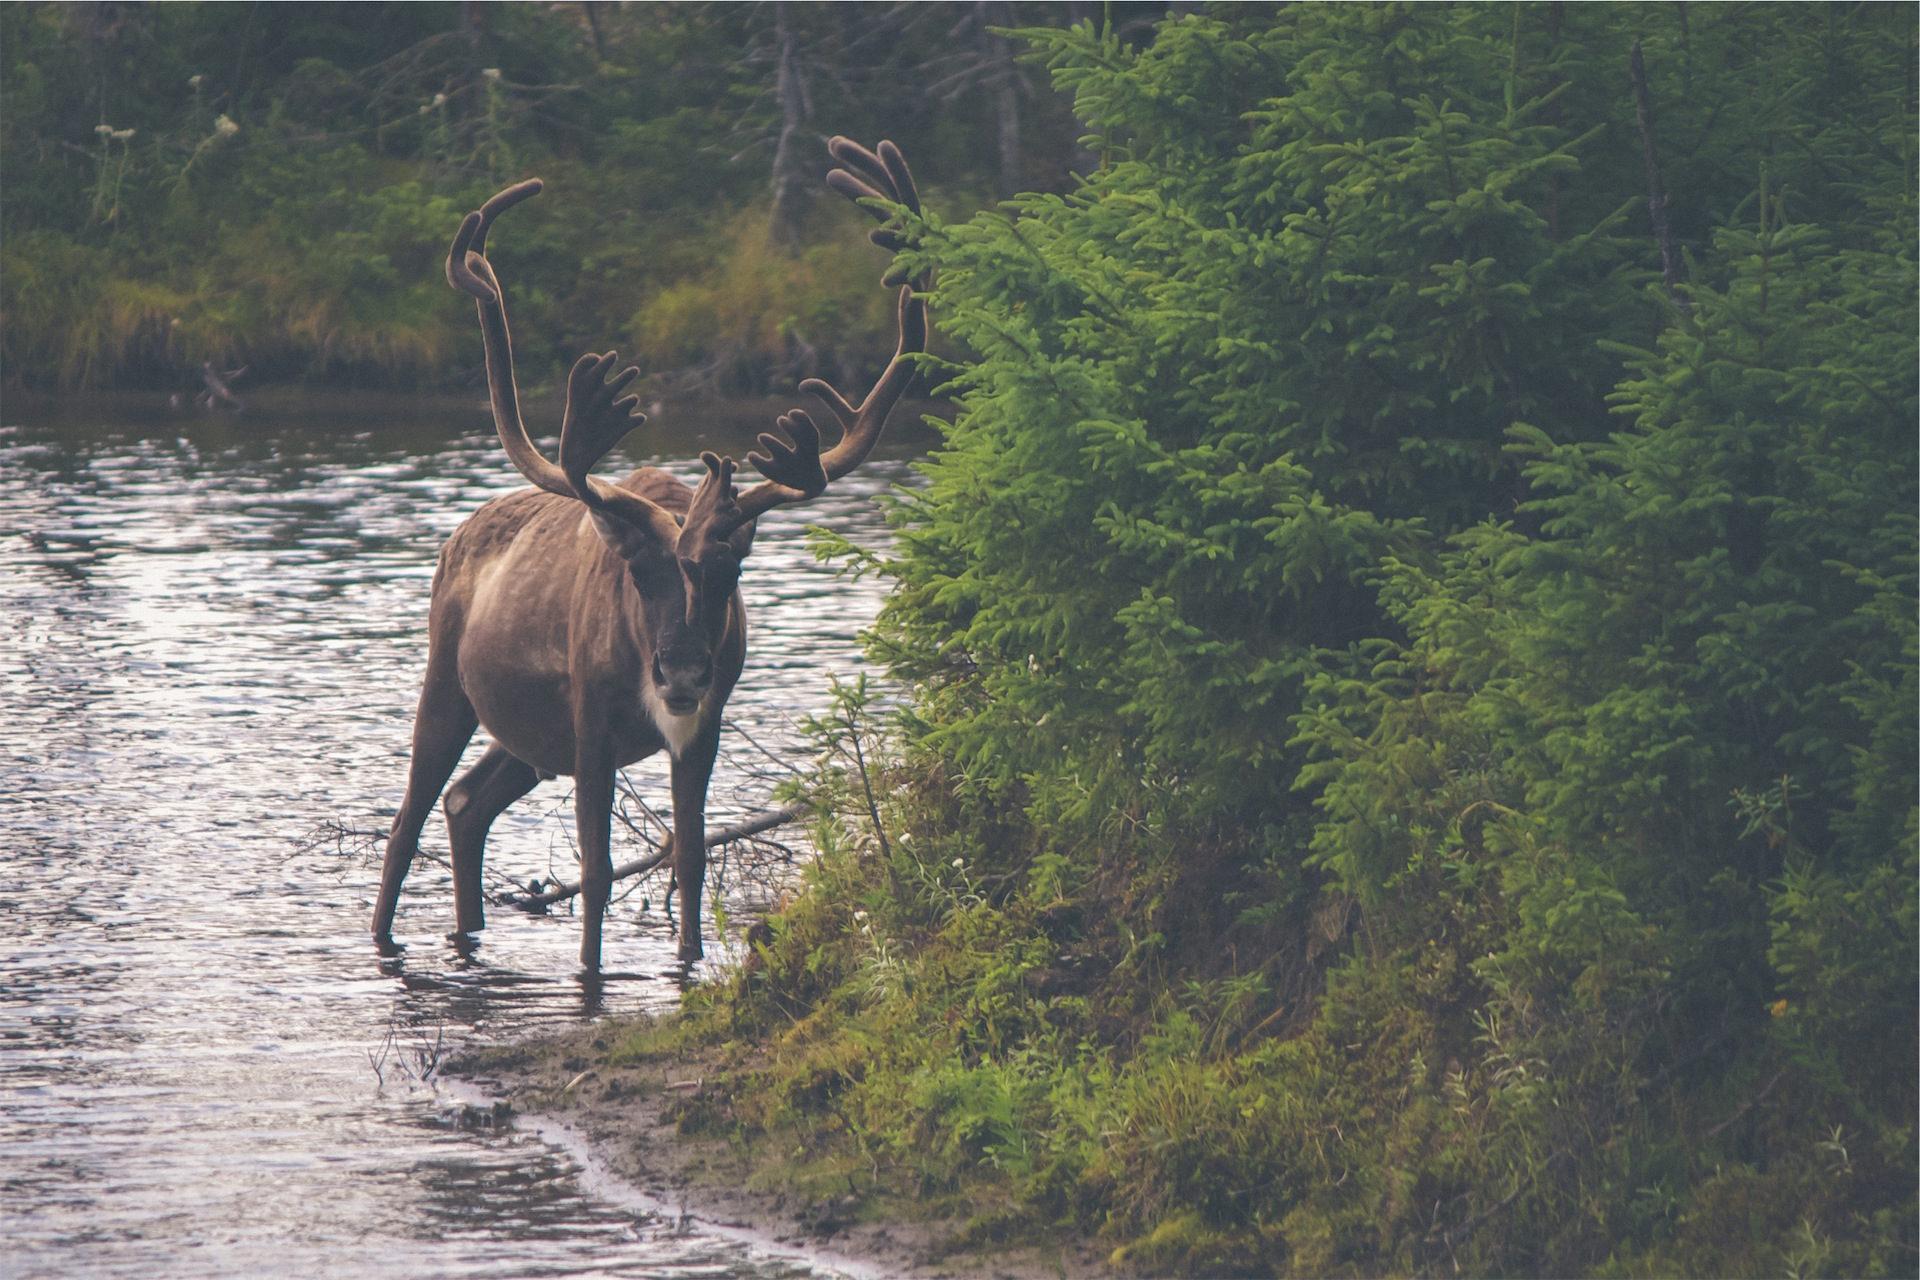 reno, नदी, वन, देखो, ग्रीन - HD वॉलपेपर - प्रोफेसर-falken.com